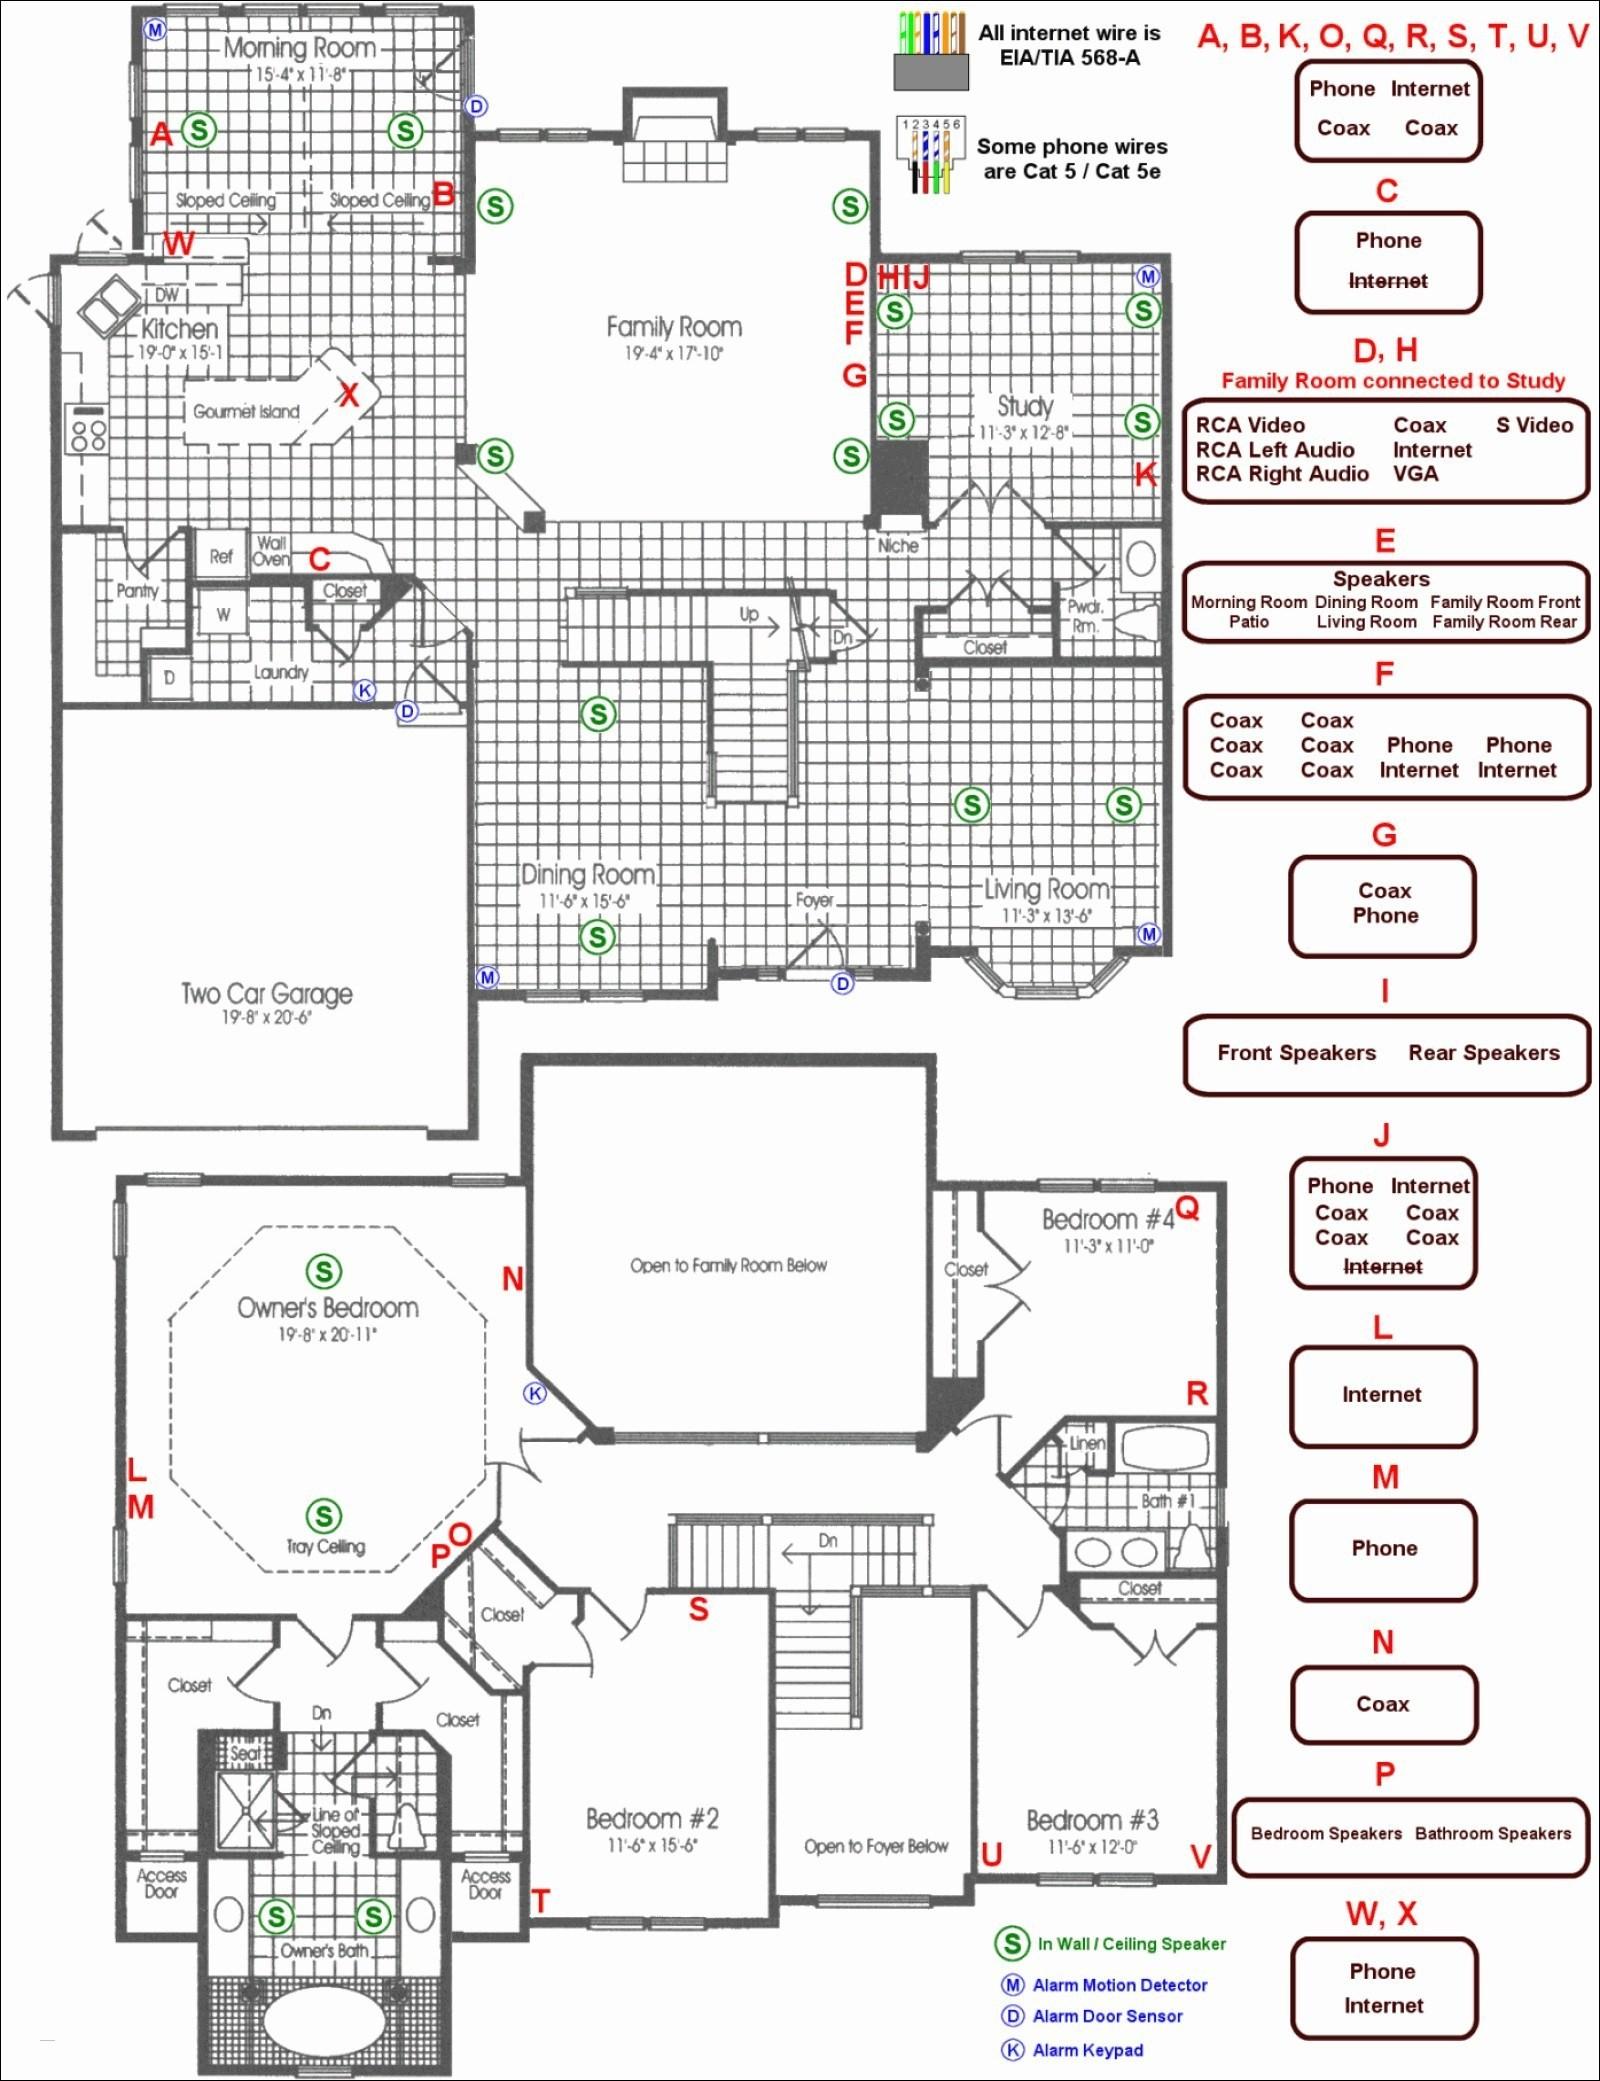 Awe Inspiring Home Electrical Wiring Diagrams Symbols Basic Electronics Wiring Wiring Cloud Counpengheilarigresichrocarnosporgarnagrebsunhorelemohammedshrineorg